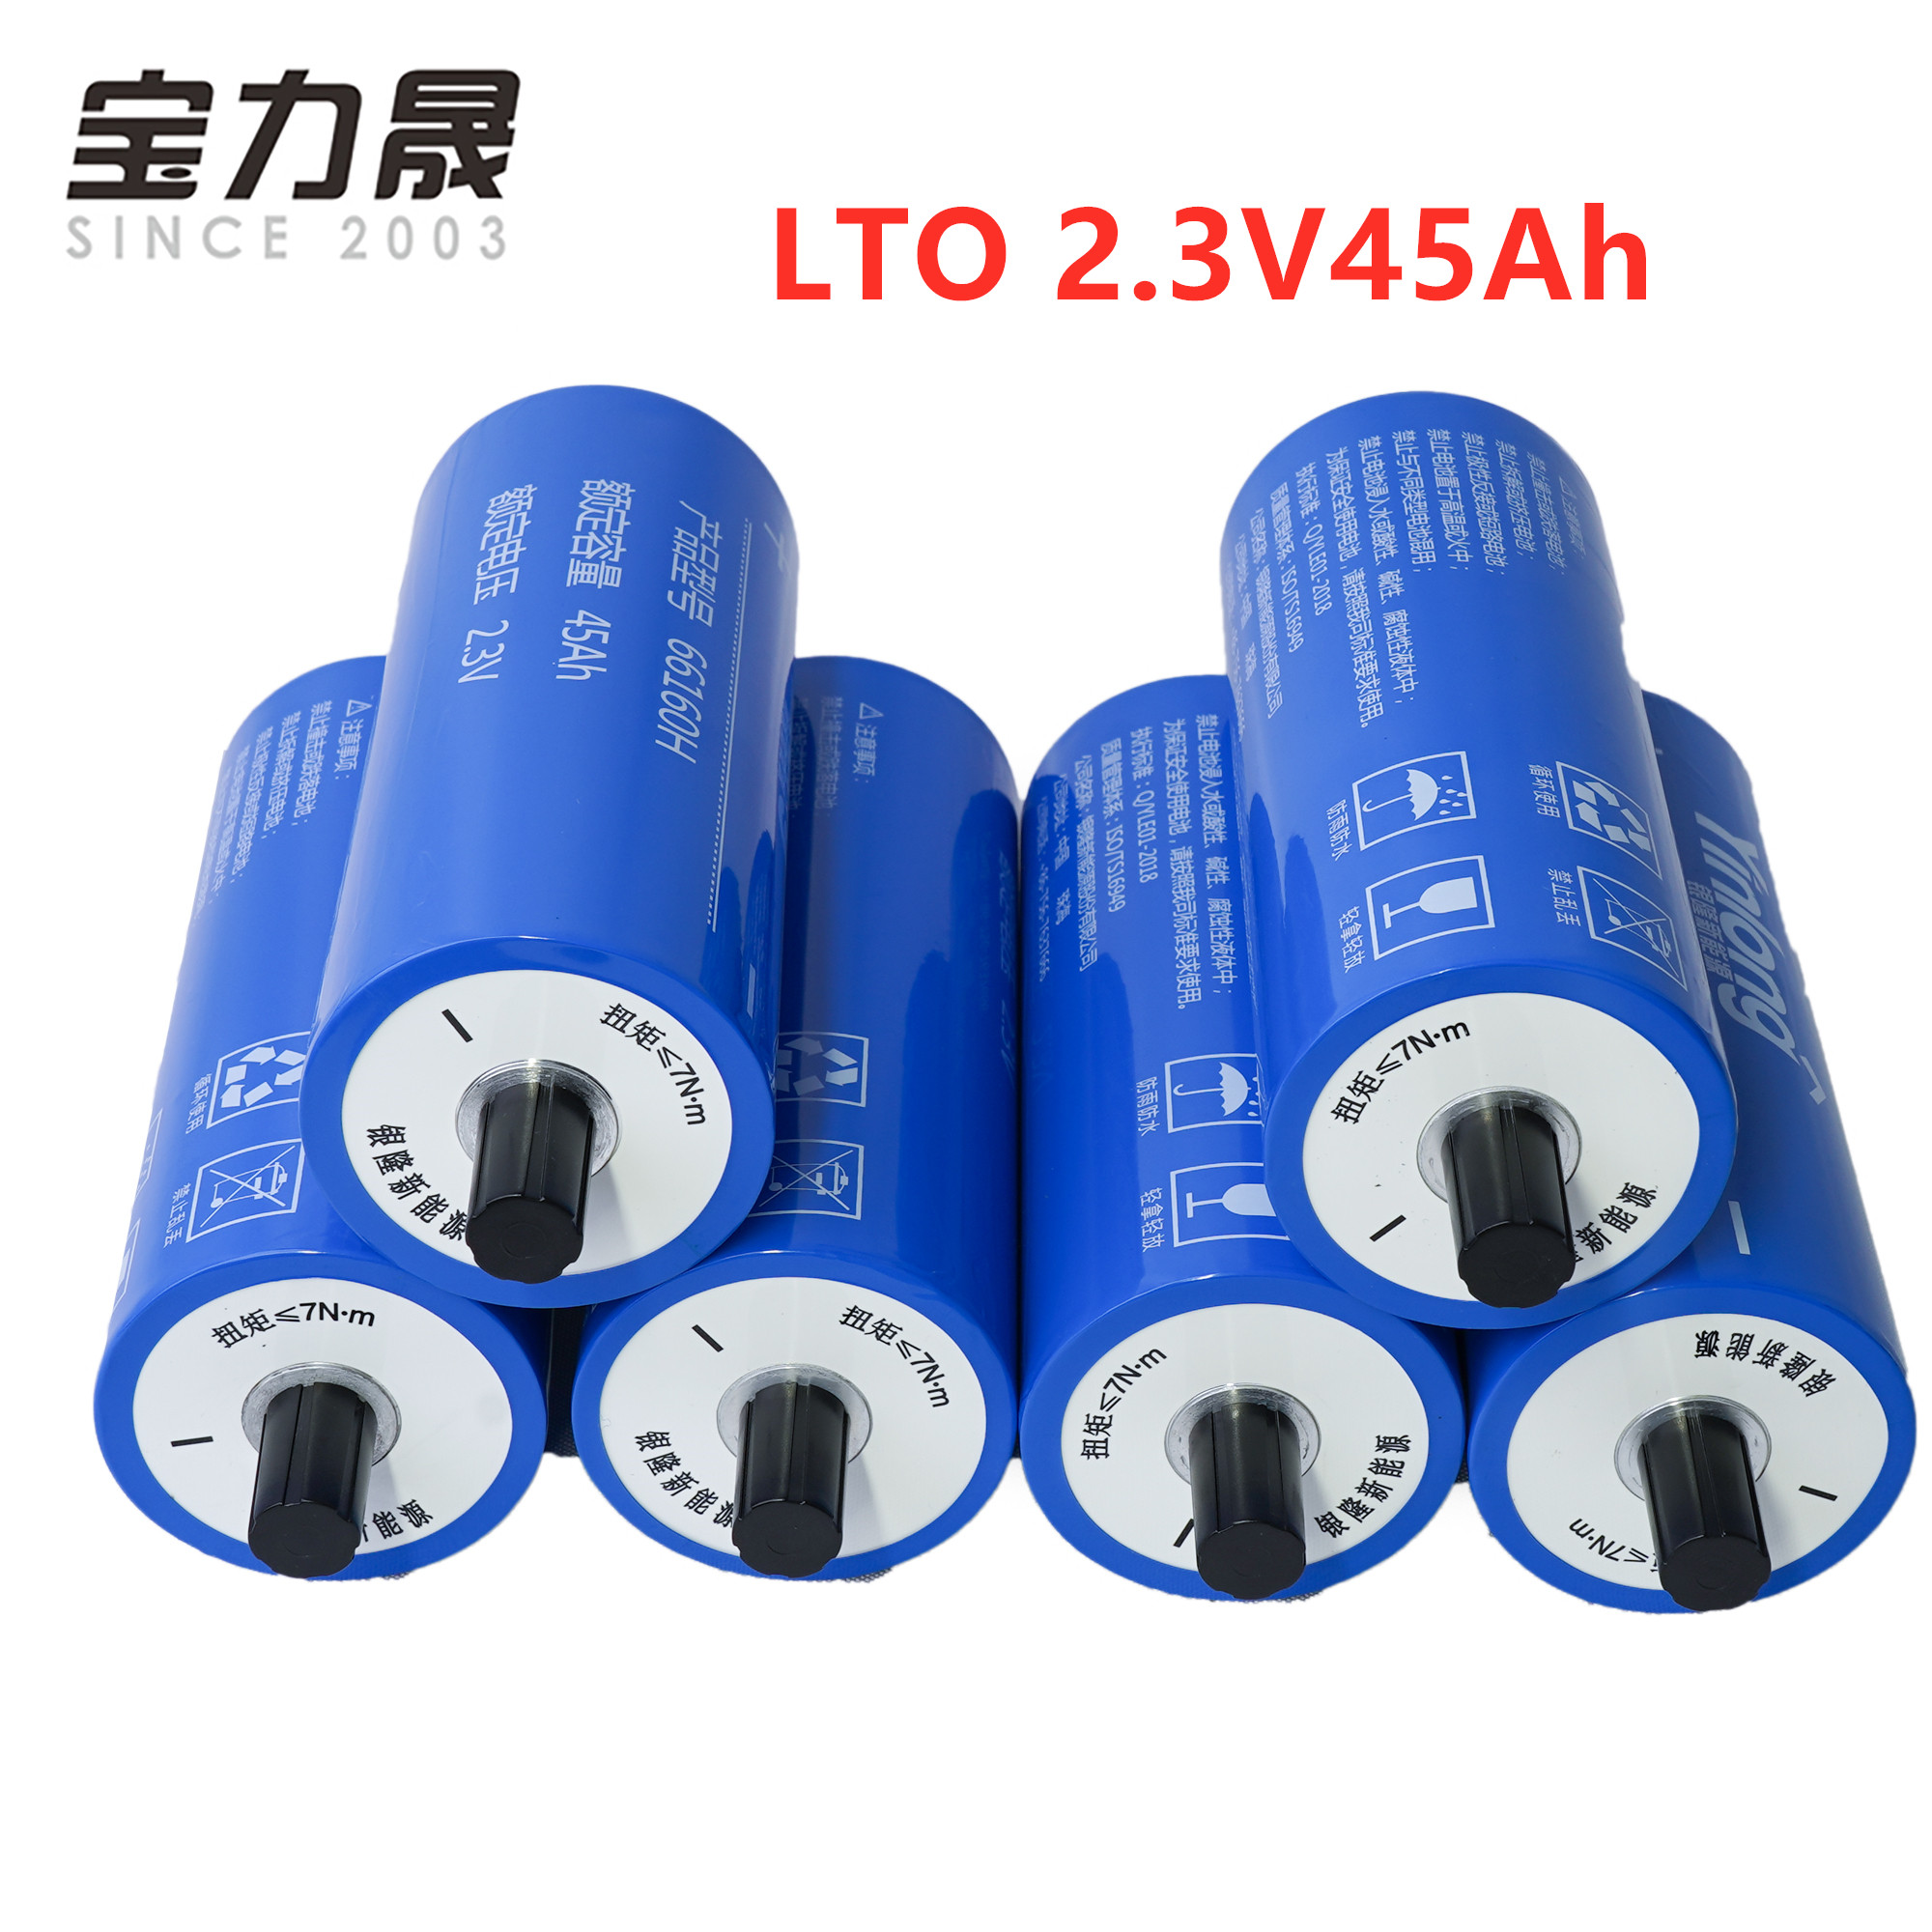 12347.25руб. |2,3 V 2,4 V LTO 45AH 6S 12V45AH оригинальный YINLONG 66160H аккумулятор из лития и титана ячейка 2,4 v 10C 450A для 12v 14,4 v EV golf cart|Подзаряжаемые батареи| |  - AliExpress